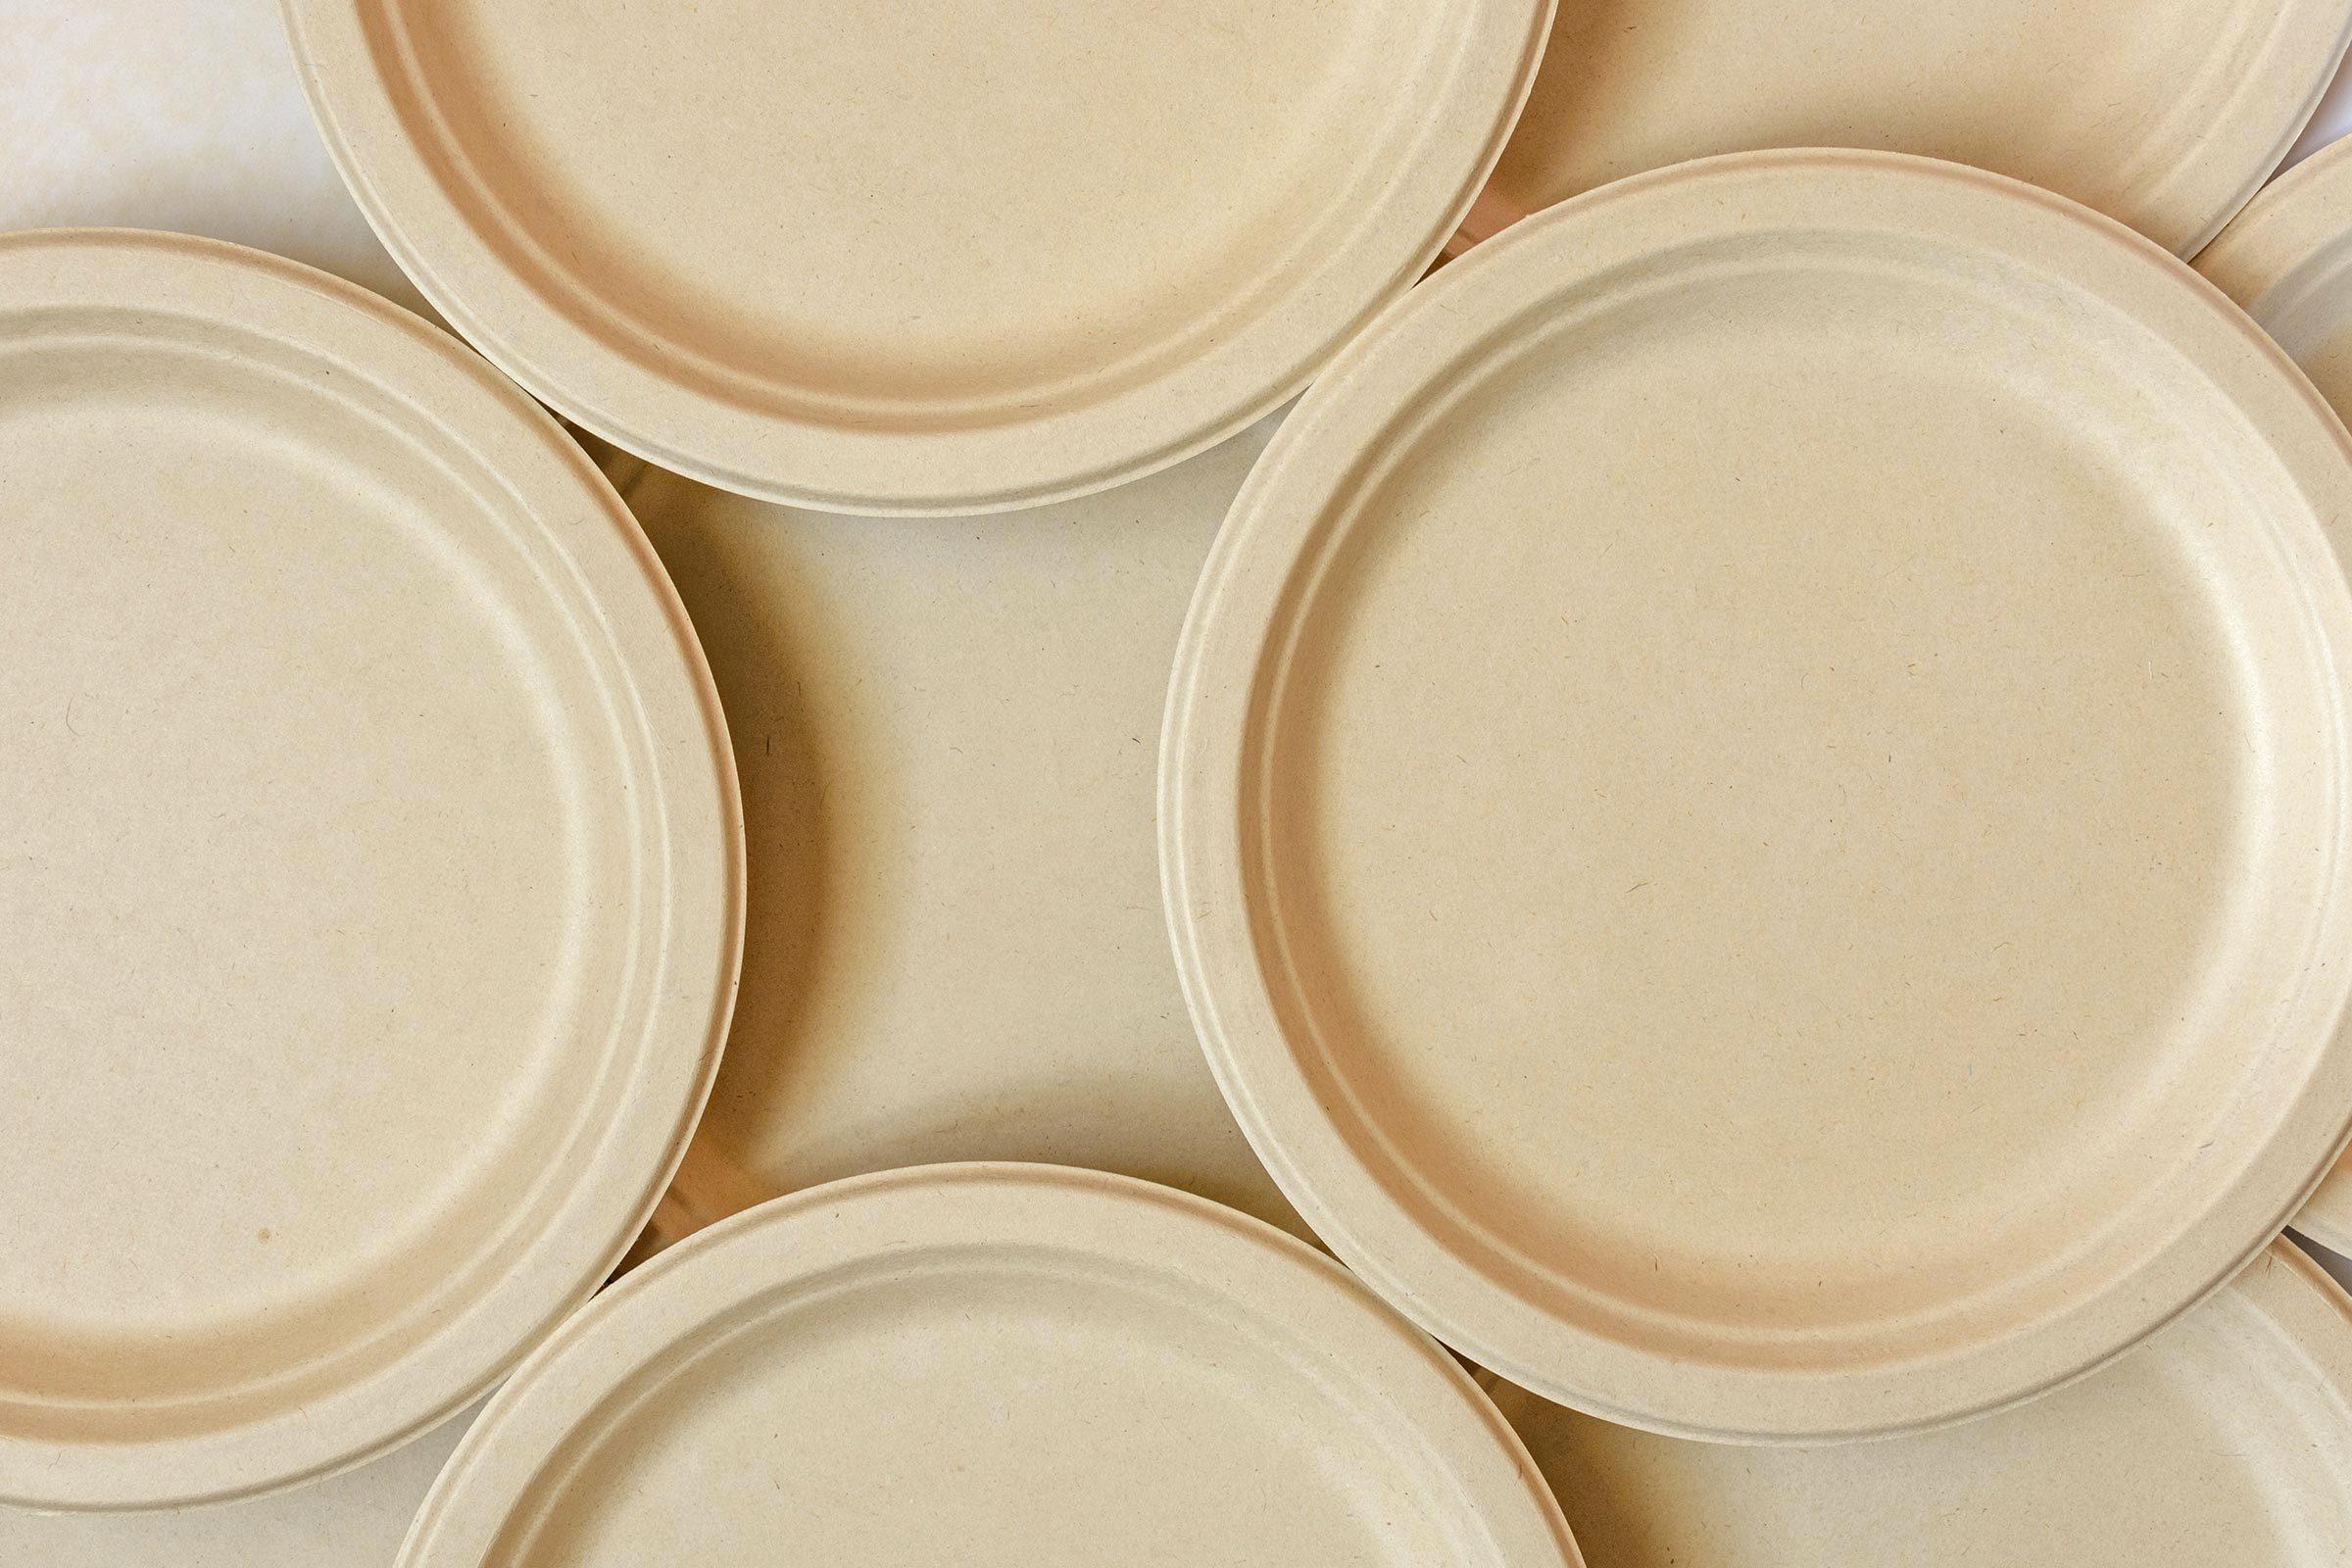 Les objets domestiques réutilisables remplacent merveilleusement le papier.